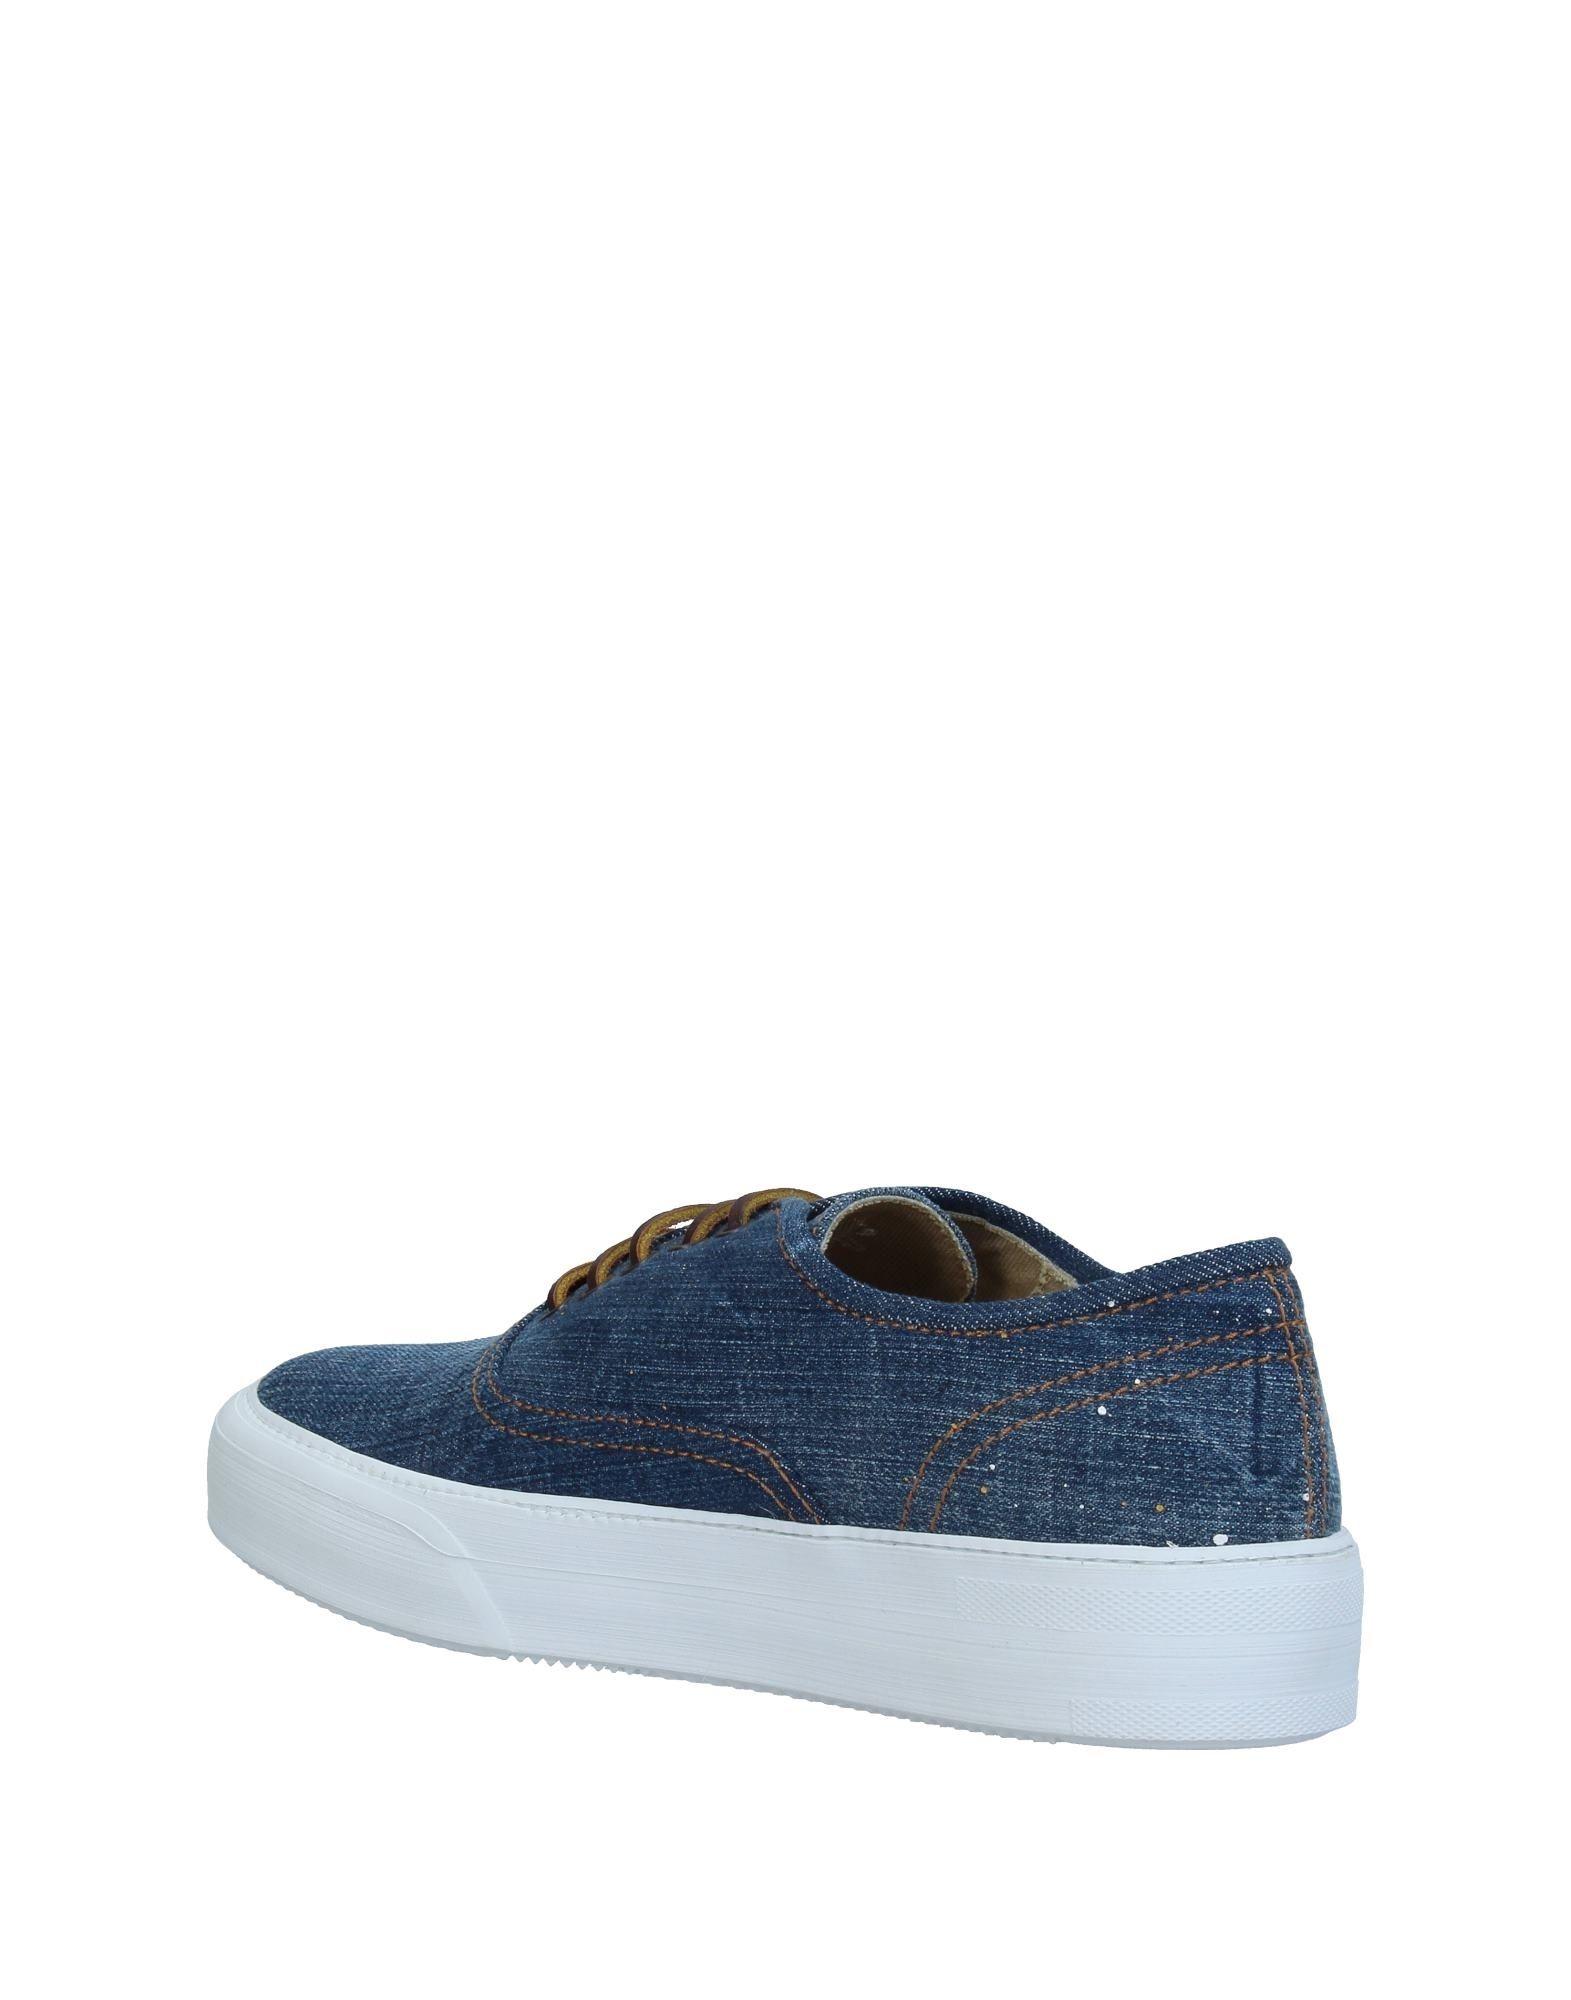 Dsquared2 Sneakers Herren  Schuhe 11357032JM Heiße Schuhe  83540a